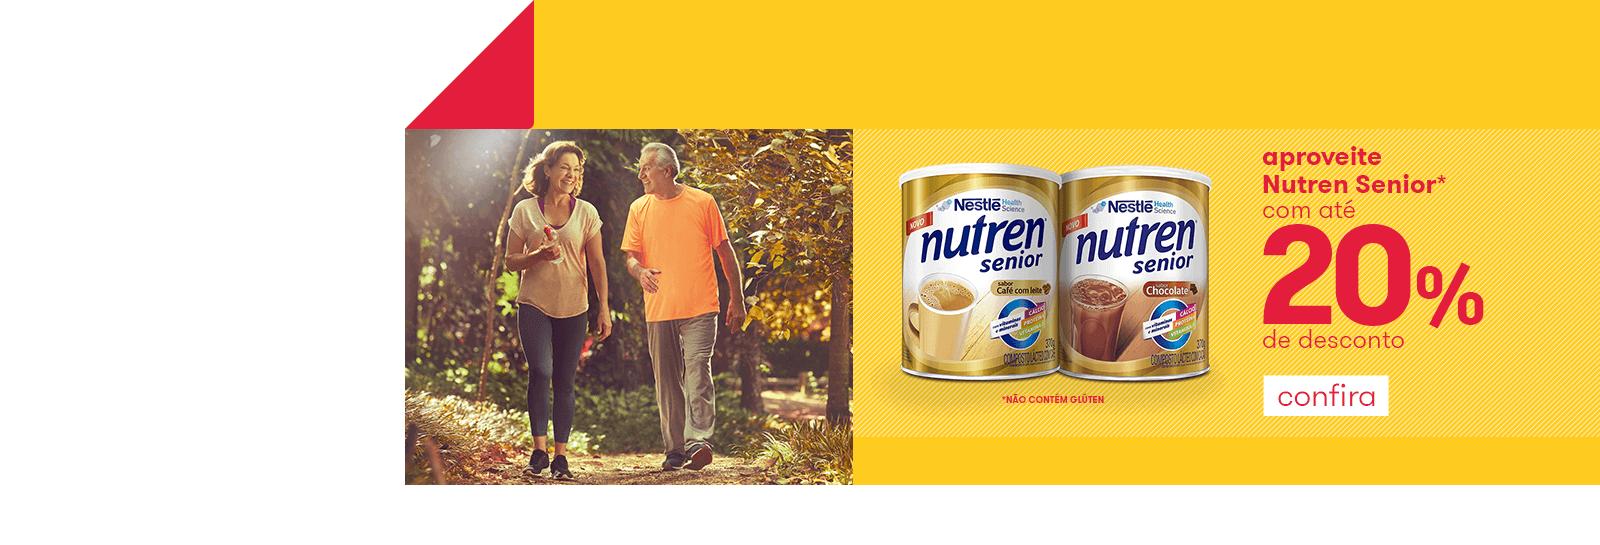 Nestle_Nutren_Active